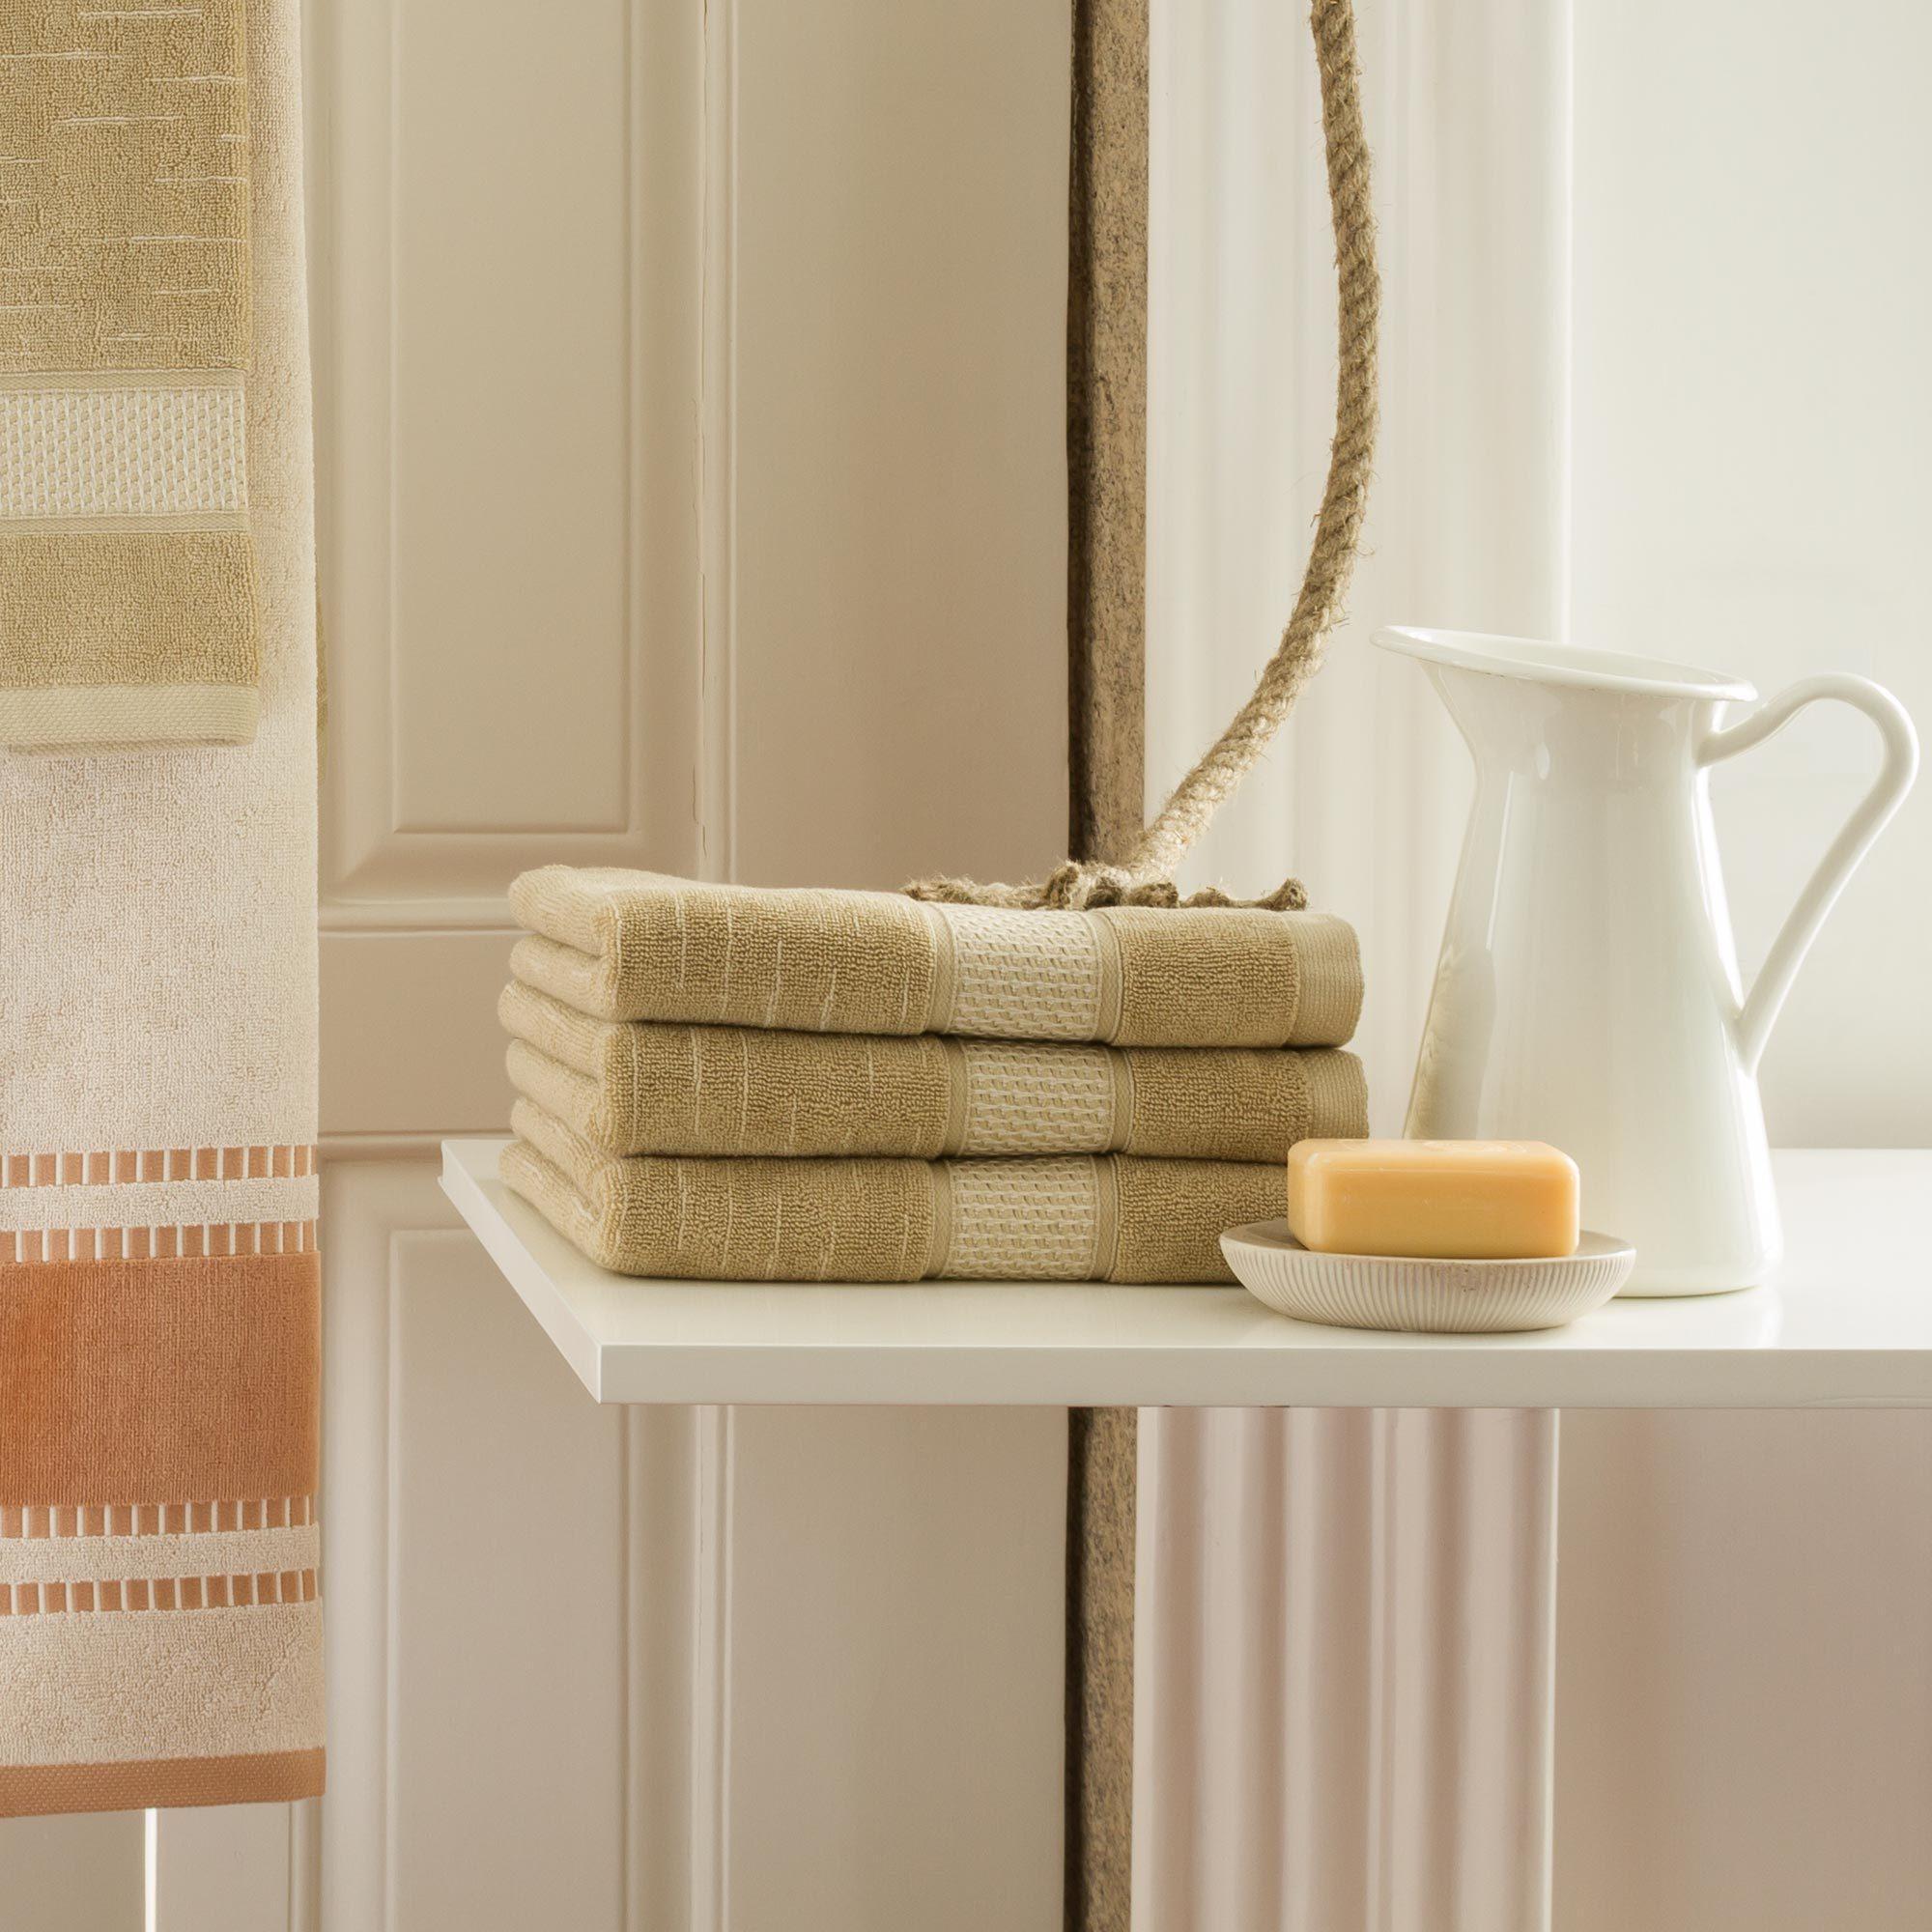 gant de toilette 16x21cm coton bio ficus vert linnea linge de maison et. Black Bedroom Furniture Sets. Home Design Ideas